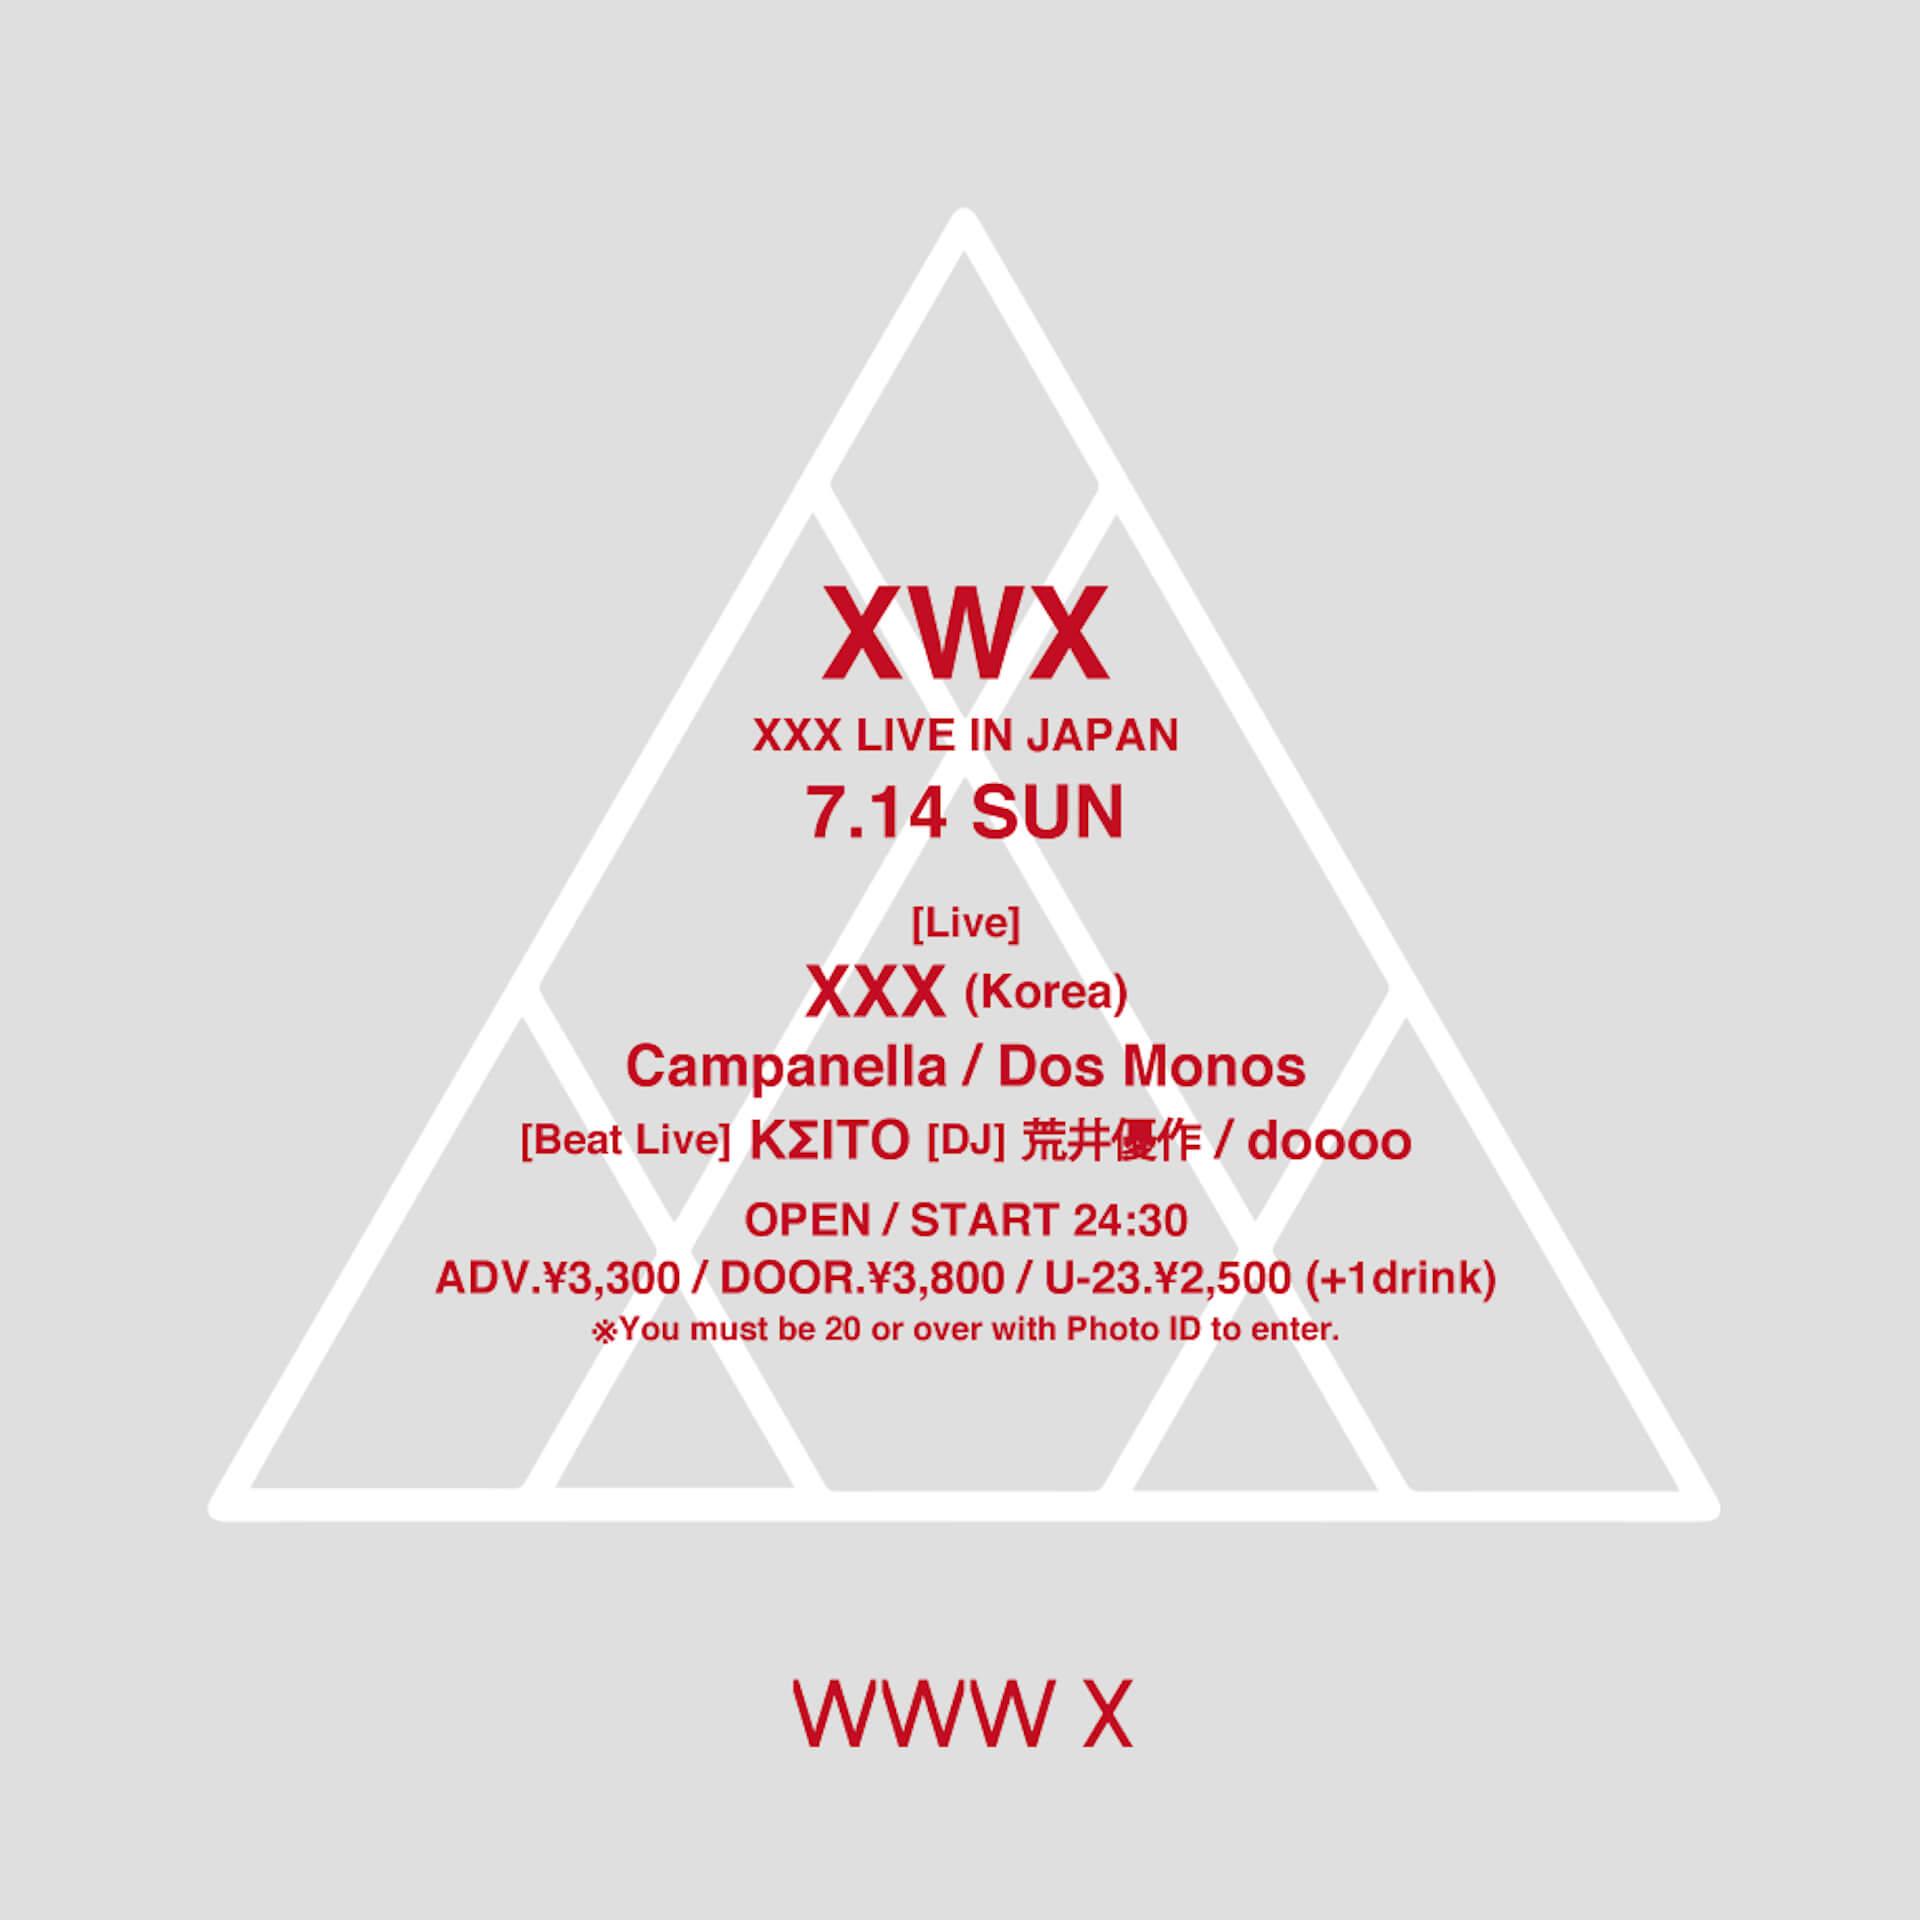 韓国内外で高い評価を受けるヒップホップ・デュオ、XXXの来日公演が開催|Campanella、Dos Monos、KΣITO、doooo、荒井優作が出演 music190712-ywx-7